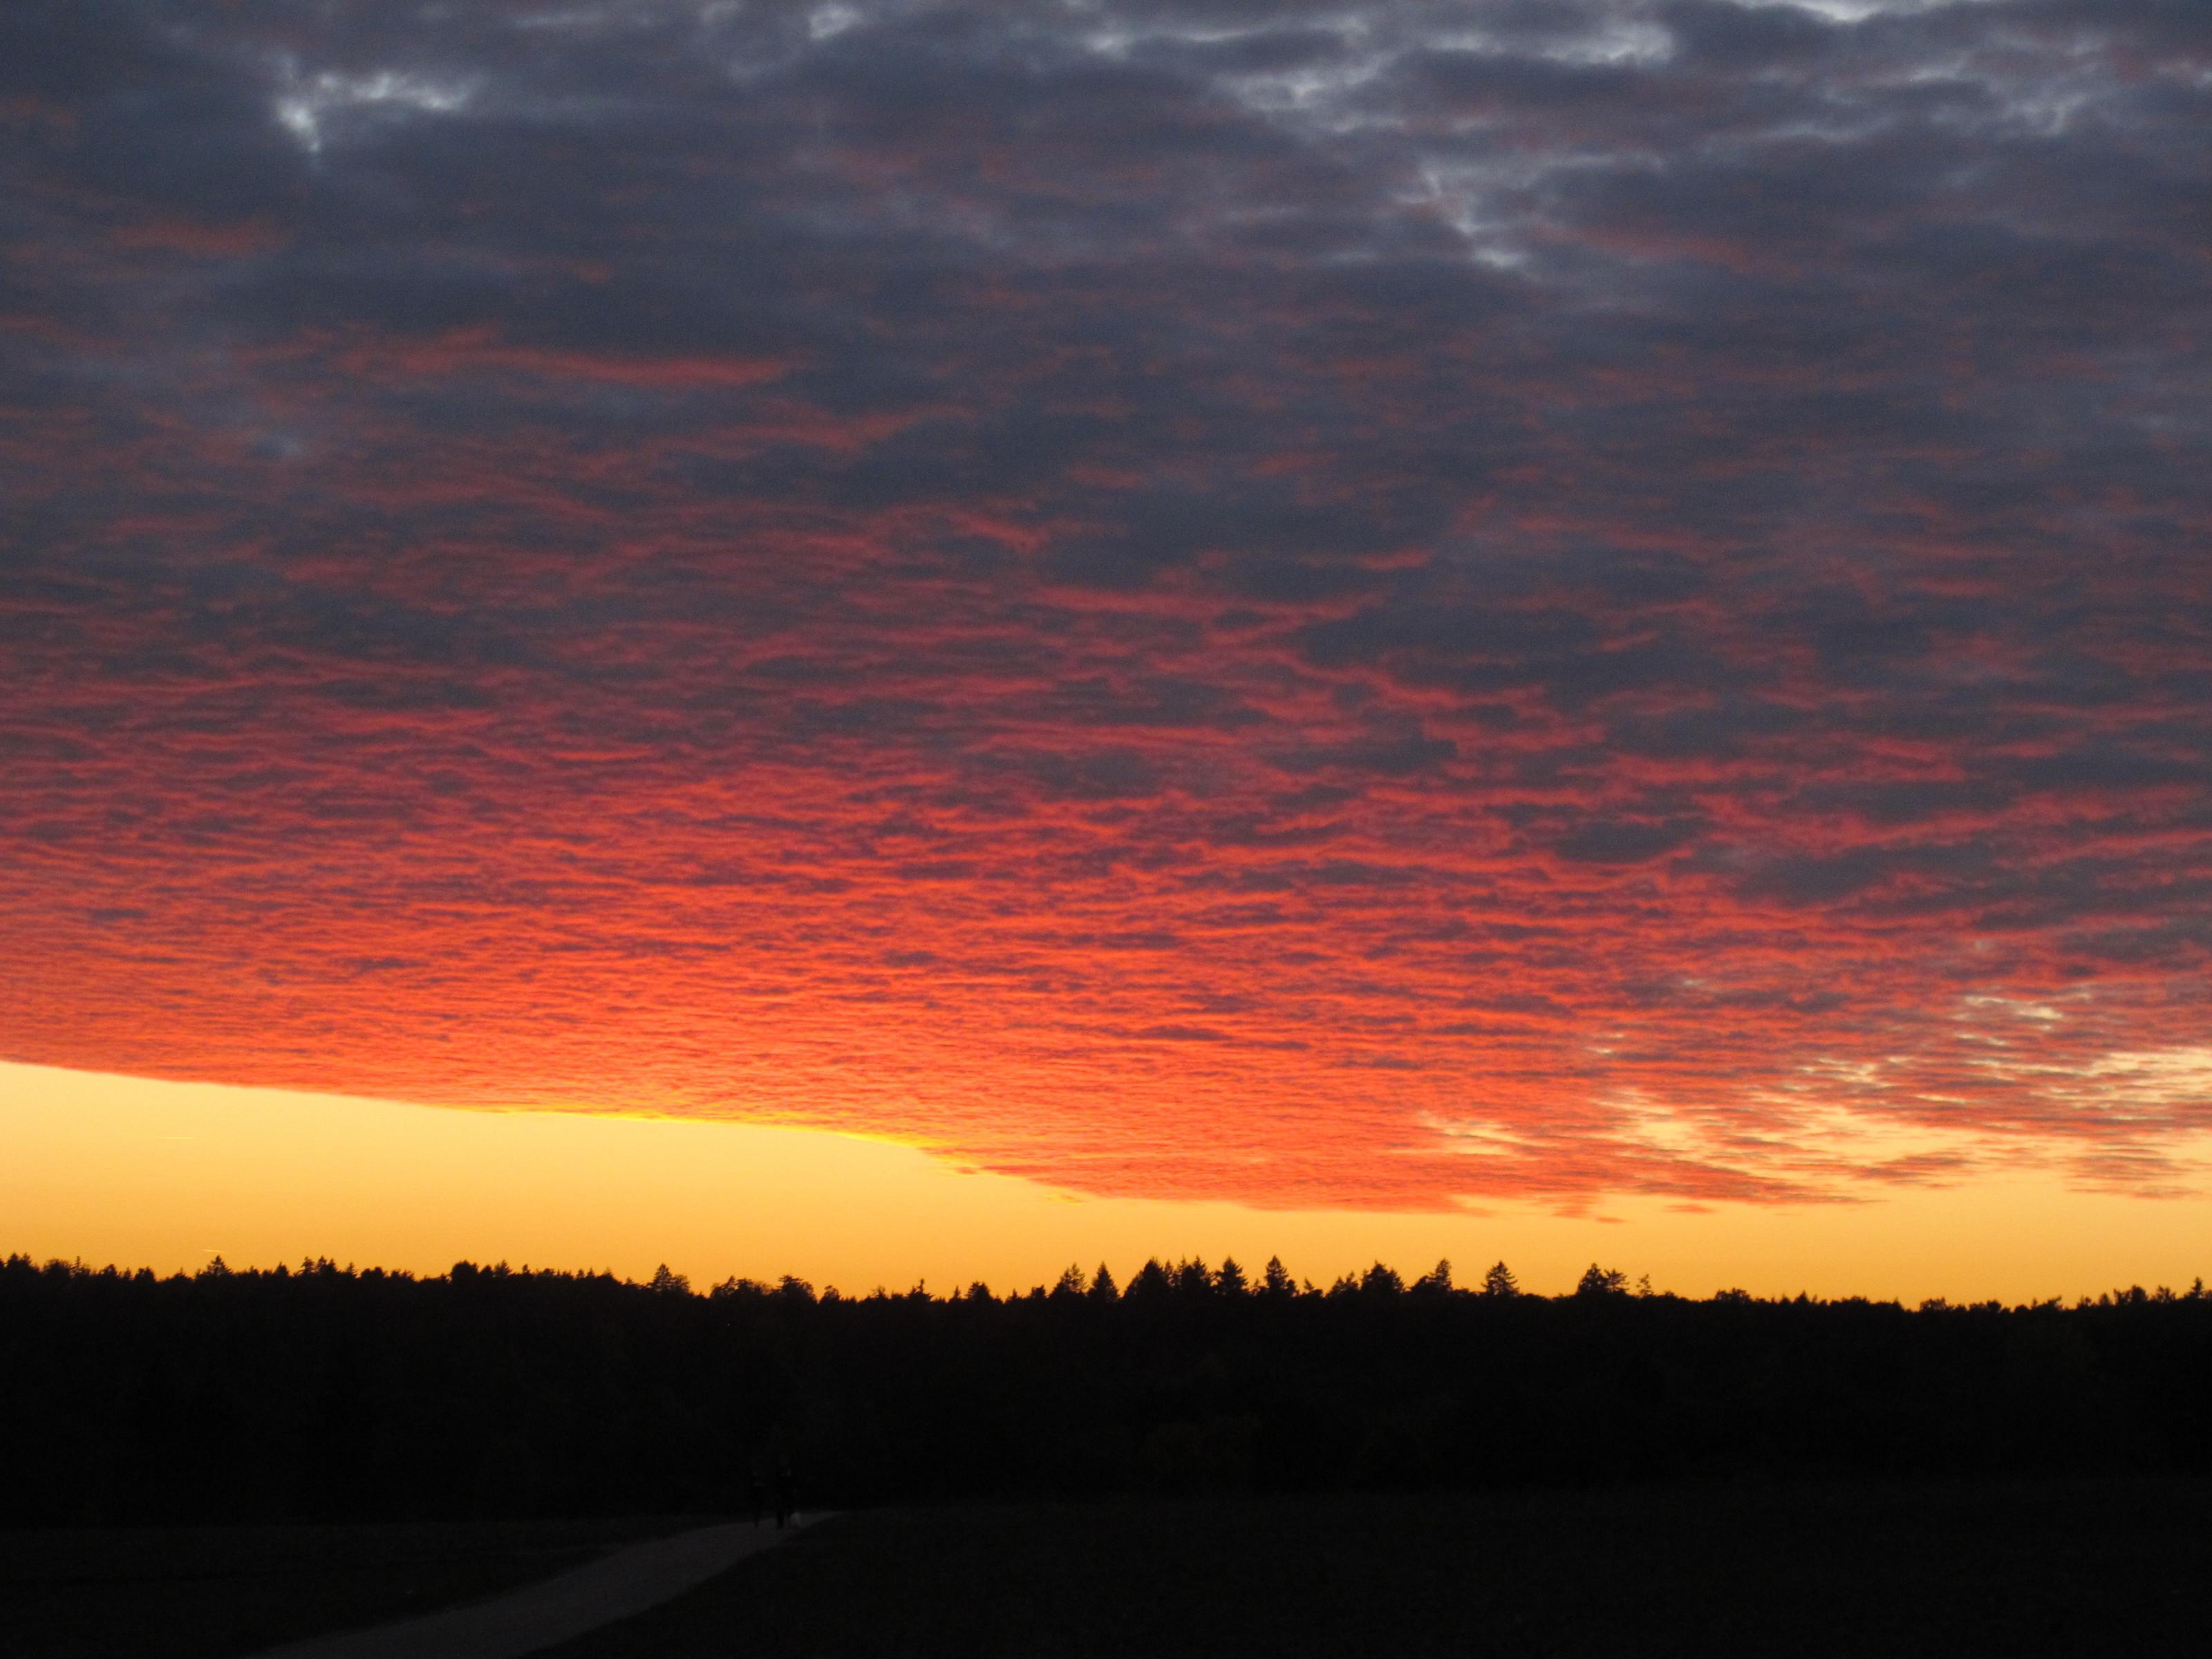 Klicke auf die Grafik für eine größere Ansicht  Name:Abendsonnenbilder 005.jpg Hits:231 Größe:513,8 KB ID:175360